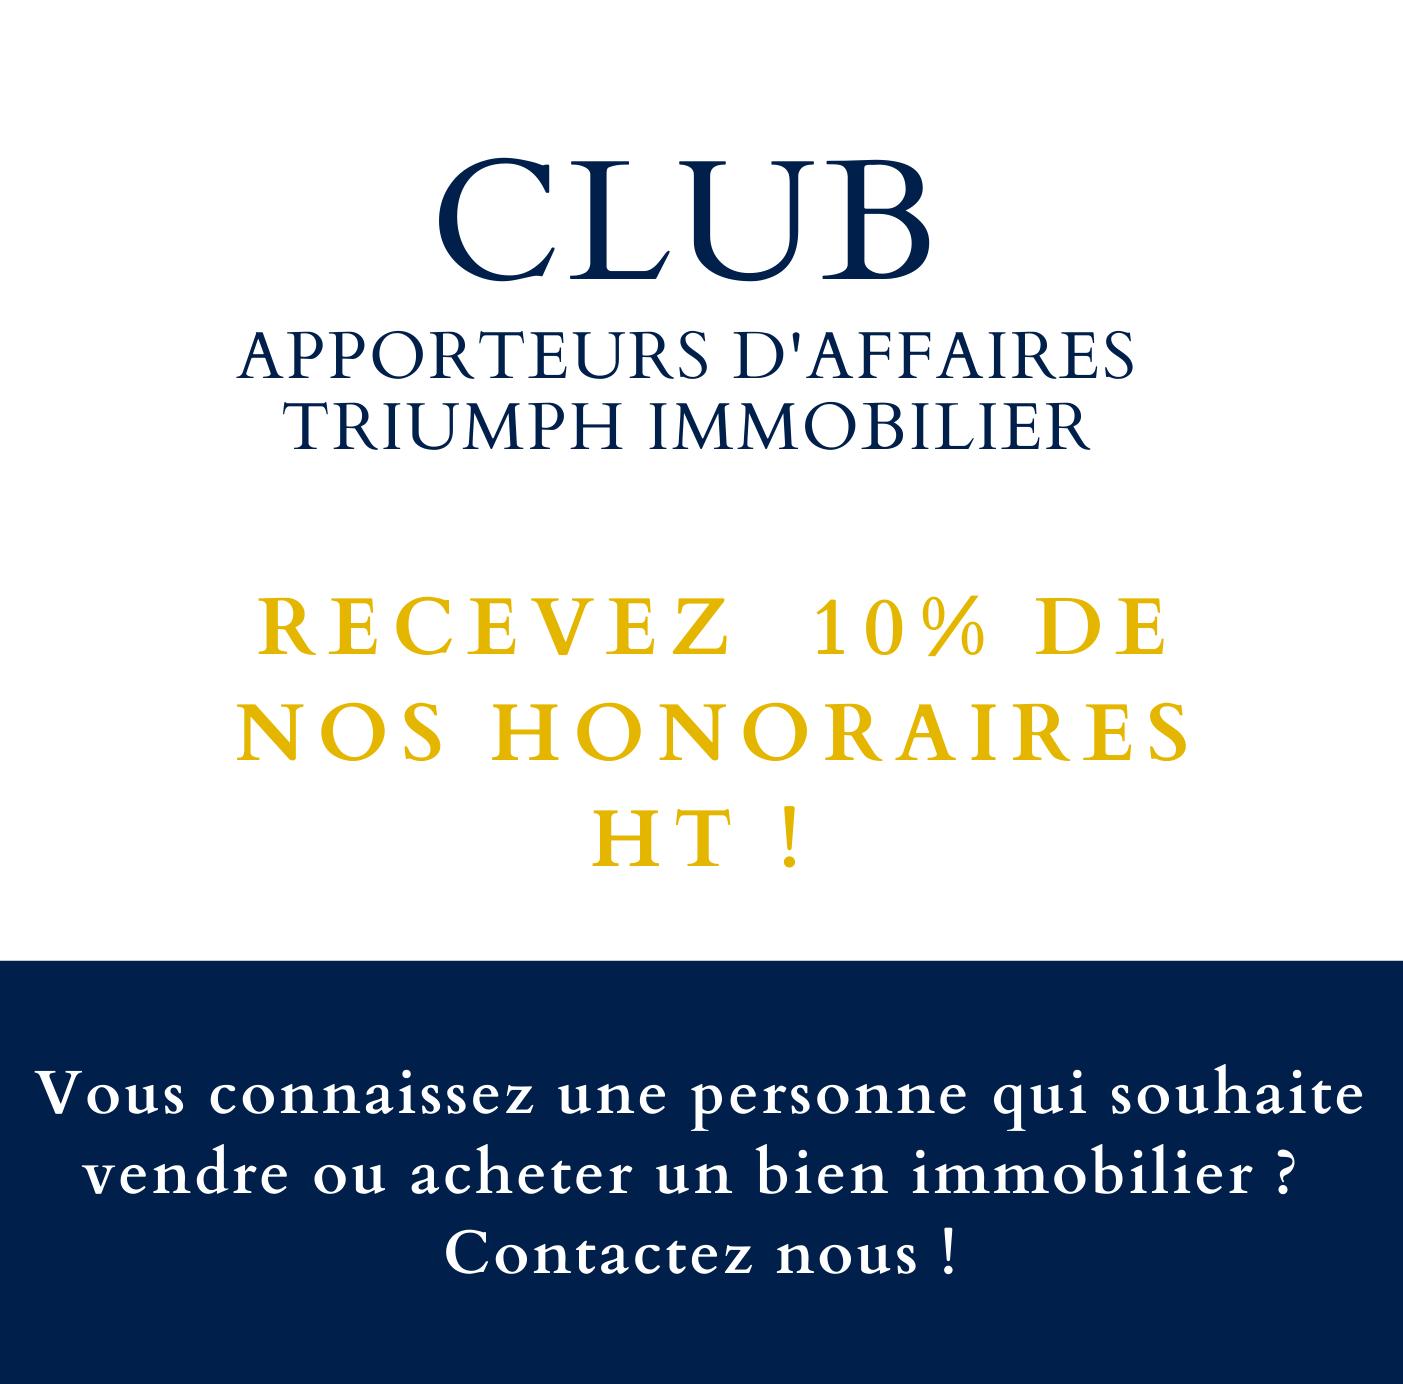 agence-immobiliere-blagnac-triumph-immobilier-apporteur-affaire